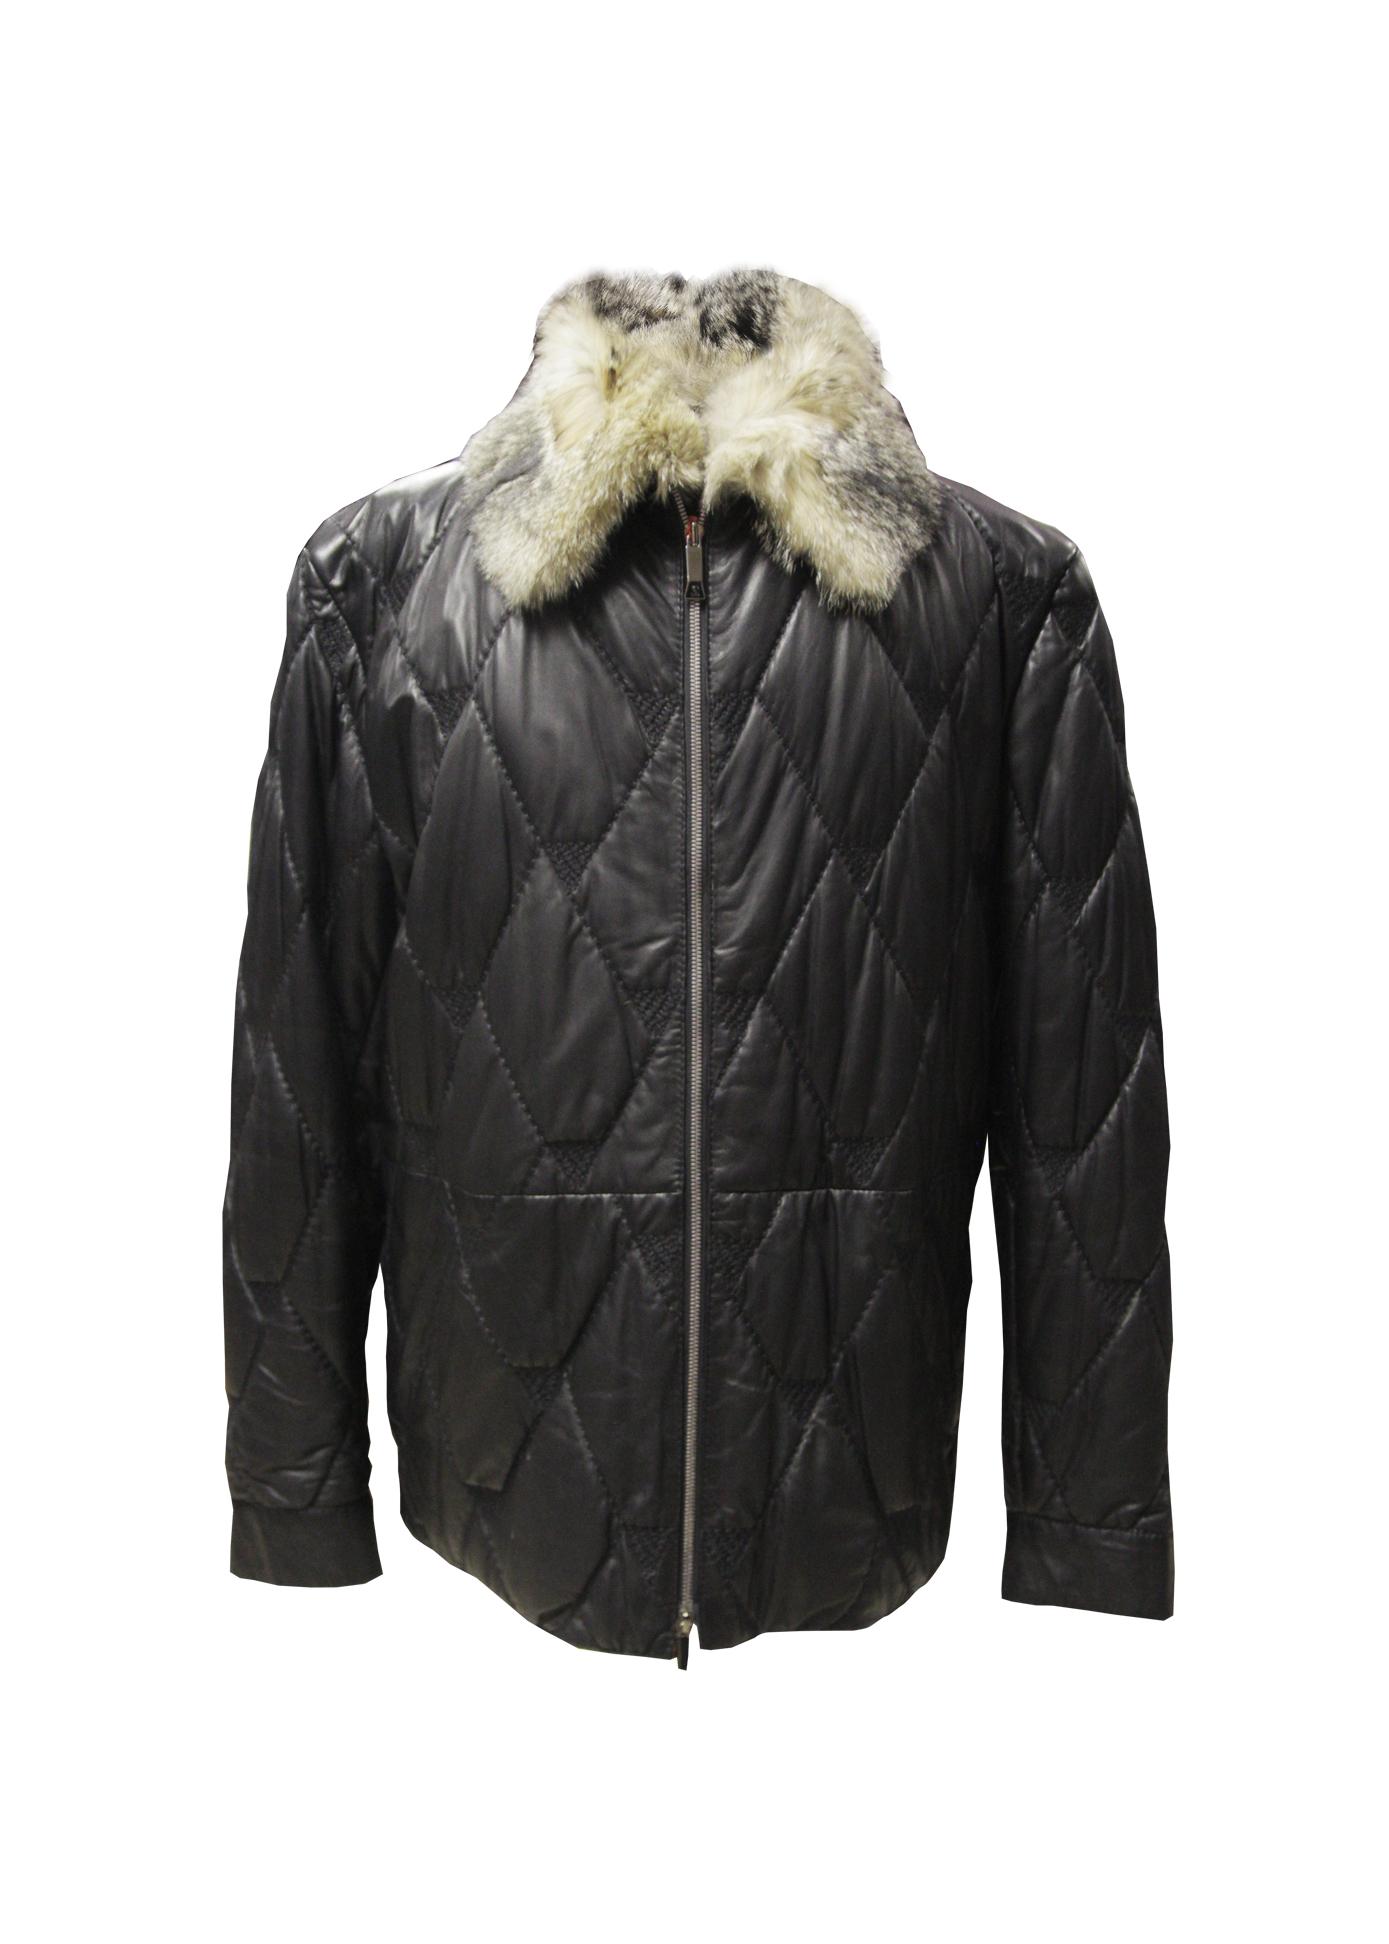 1e6950d2a3dd Мужская куртка из натуральной кожи (пуховик) ⋆ Магазин одежды Ягуар ...